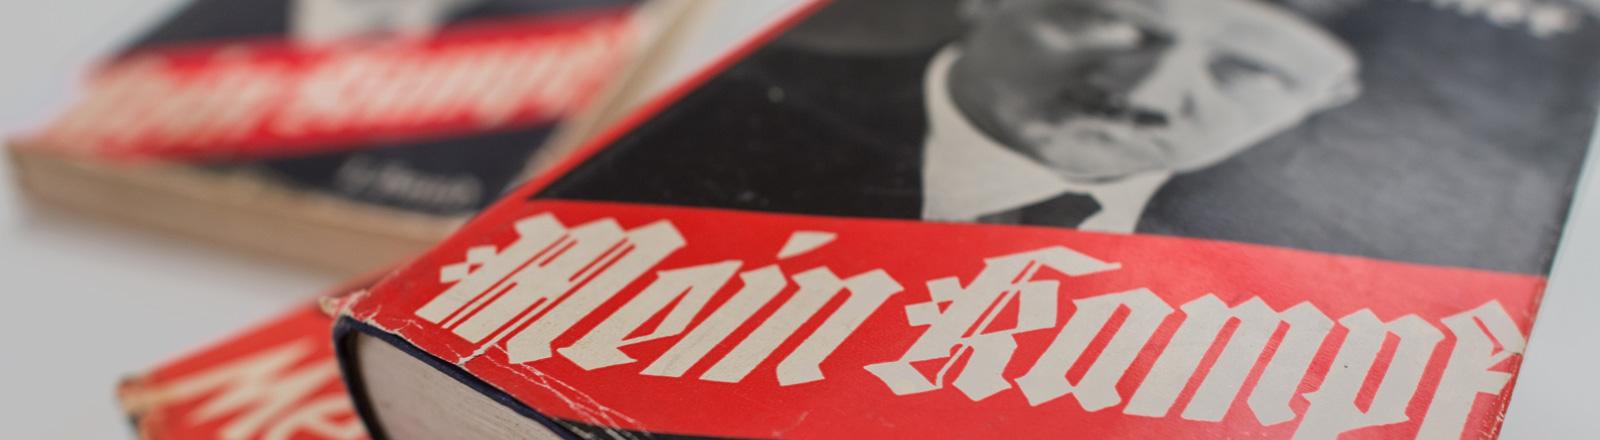 """Drei Bücher """"Mein Kampf"""" liegen auf einem weißen Hintergrund. Zwei auf einem Stapel, eines rechts dahinter; Foto: dpa"""